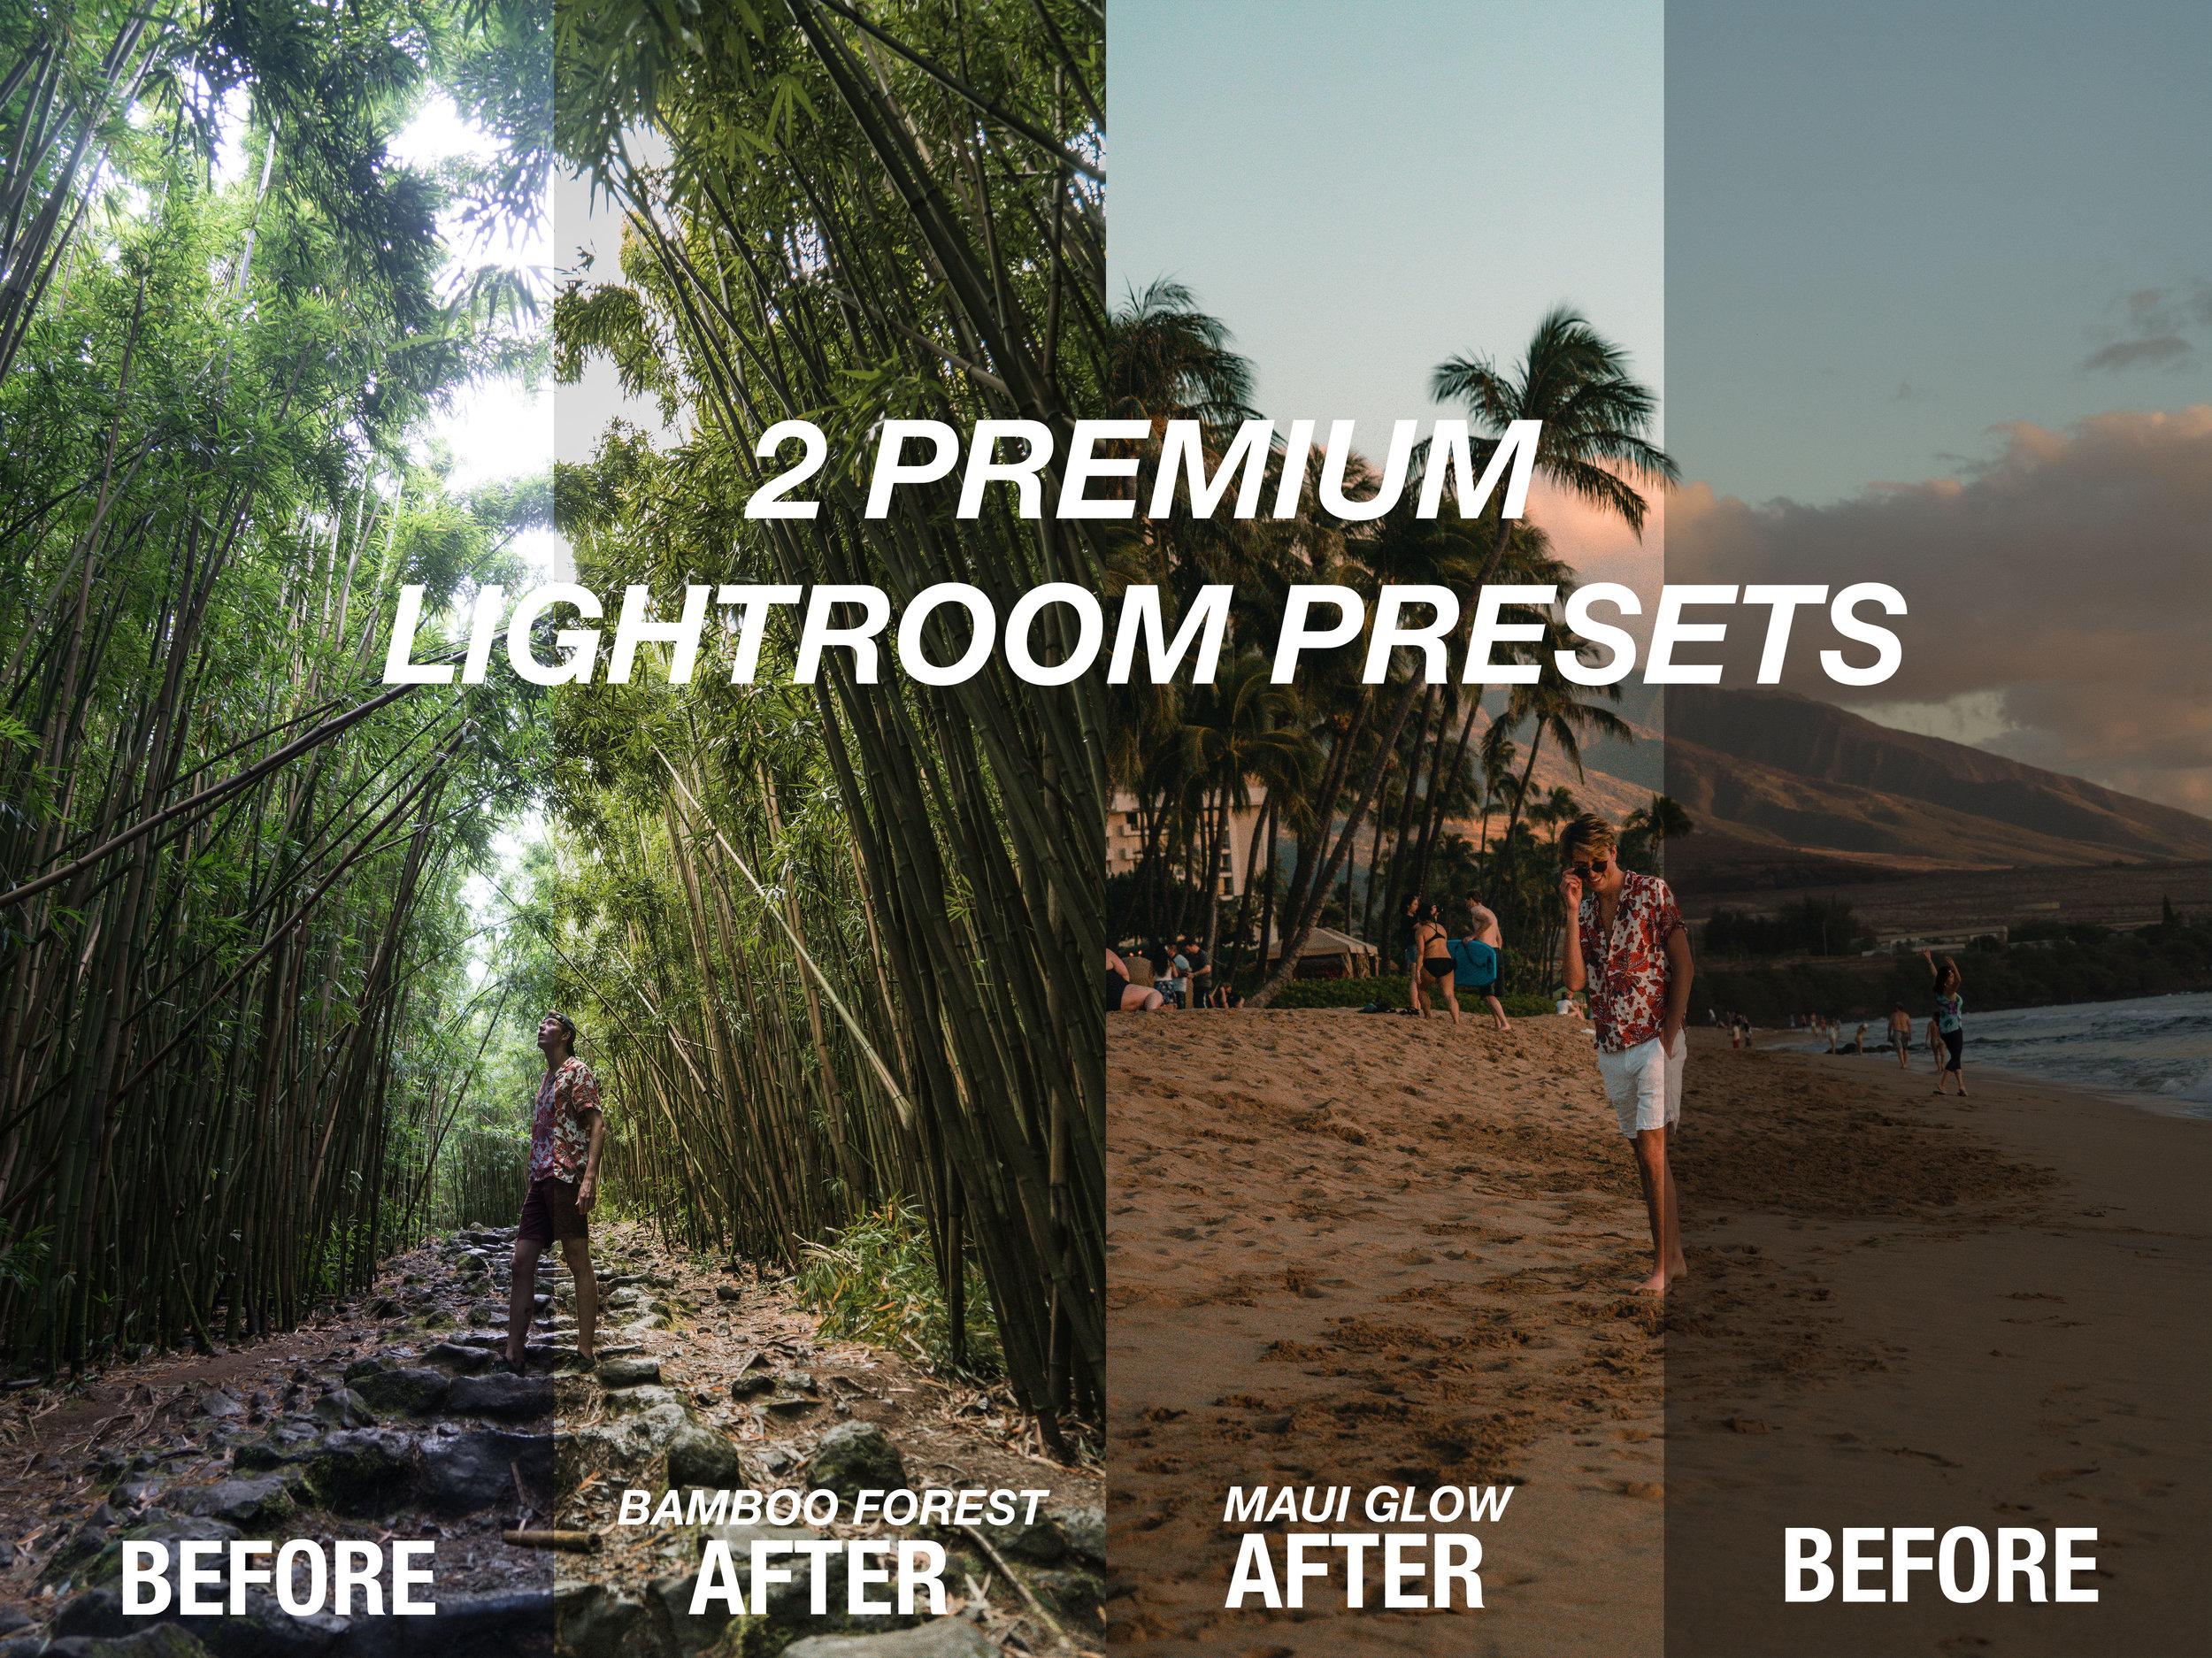 smallerlightroompresets.jpg